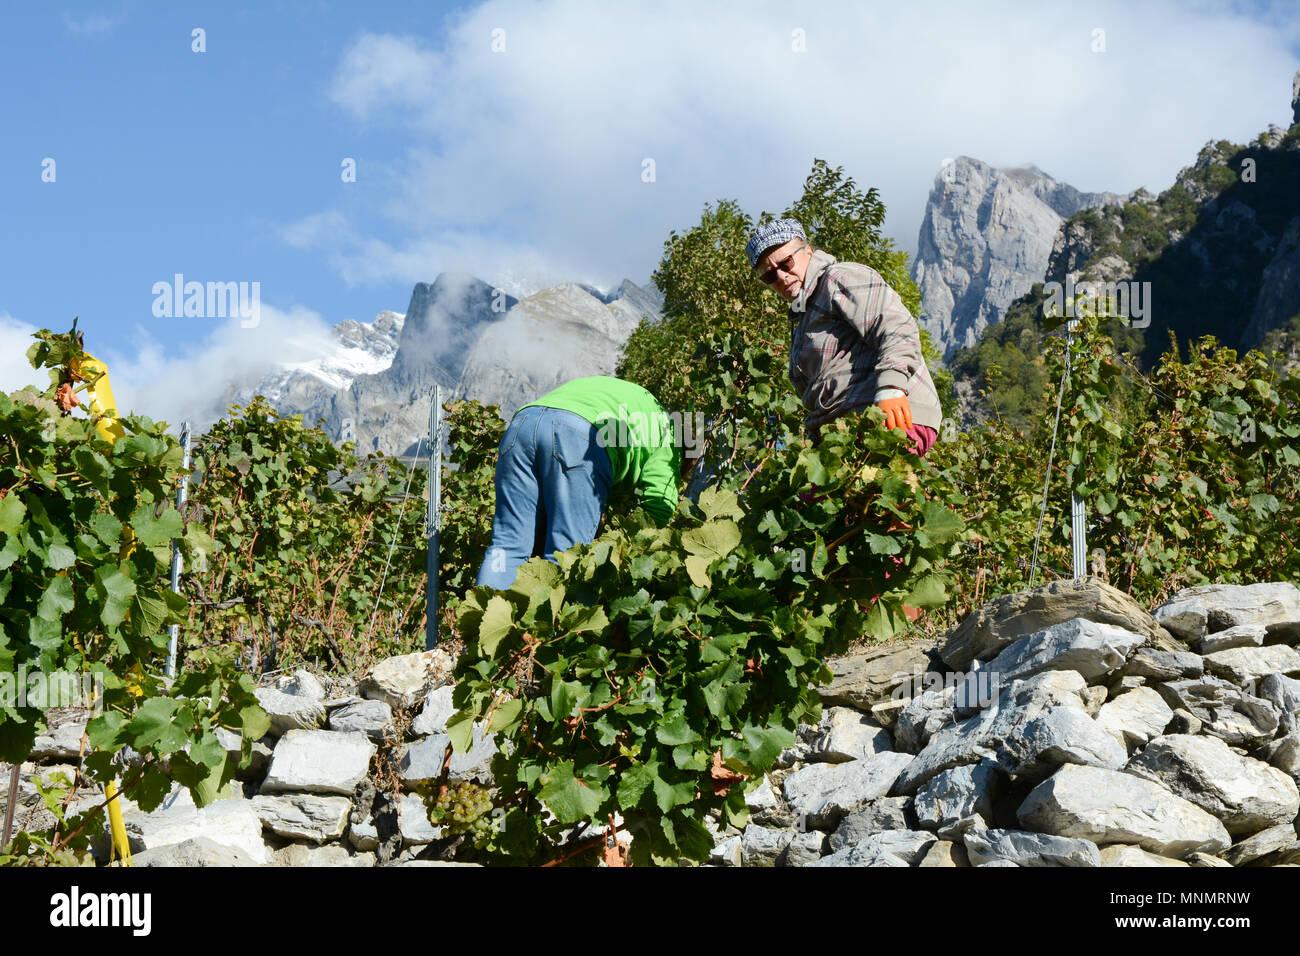 Vendangeurs de vin dans un vignoble de montagne pendant la saison des récoltes, près de la ville de Chamoson, vallée du Rhône, Canton du Valais, Suisse. Photo Stock